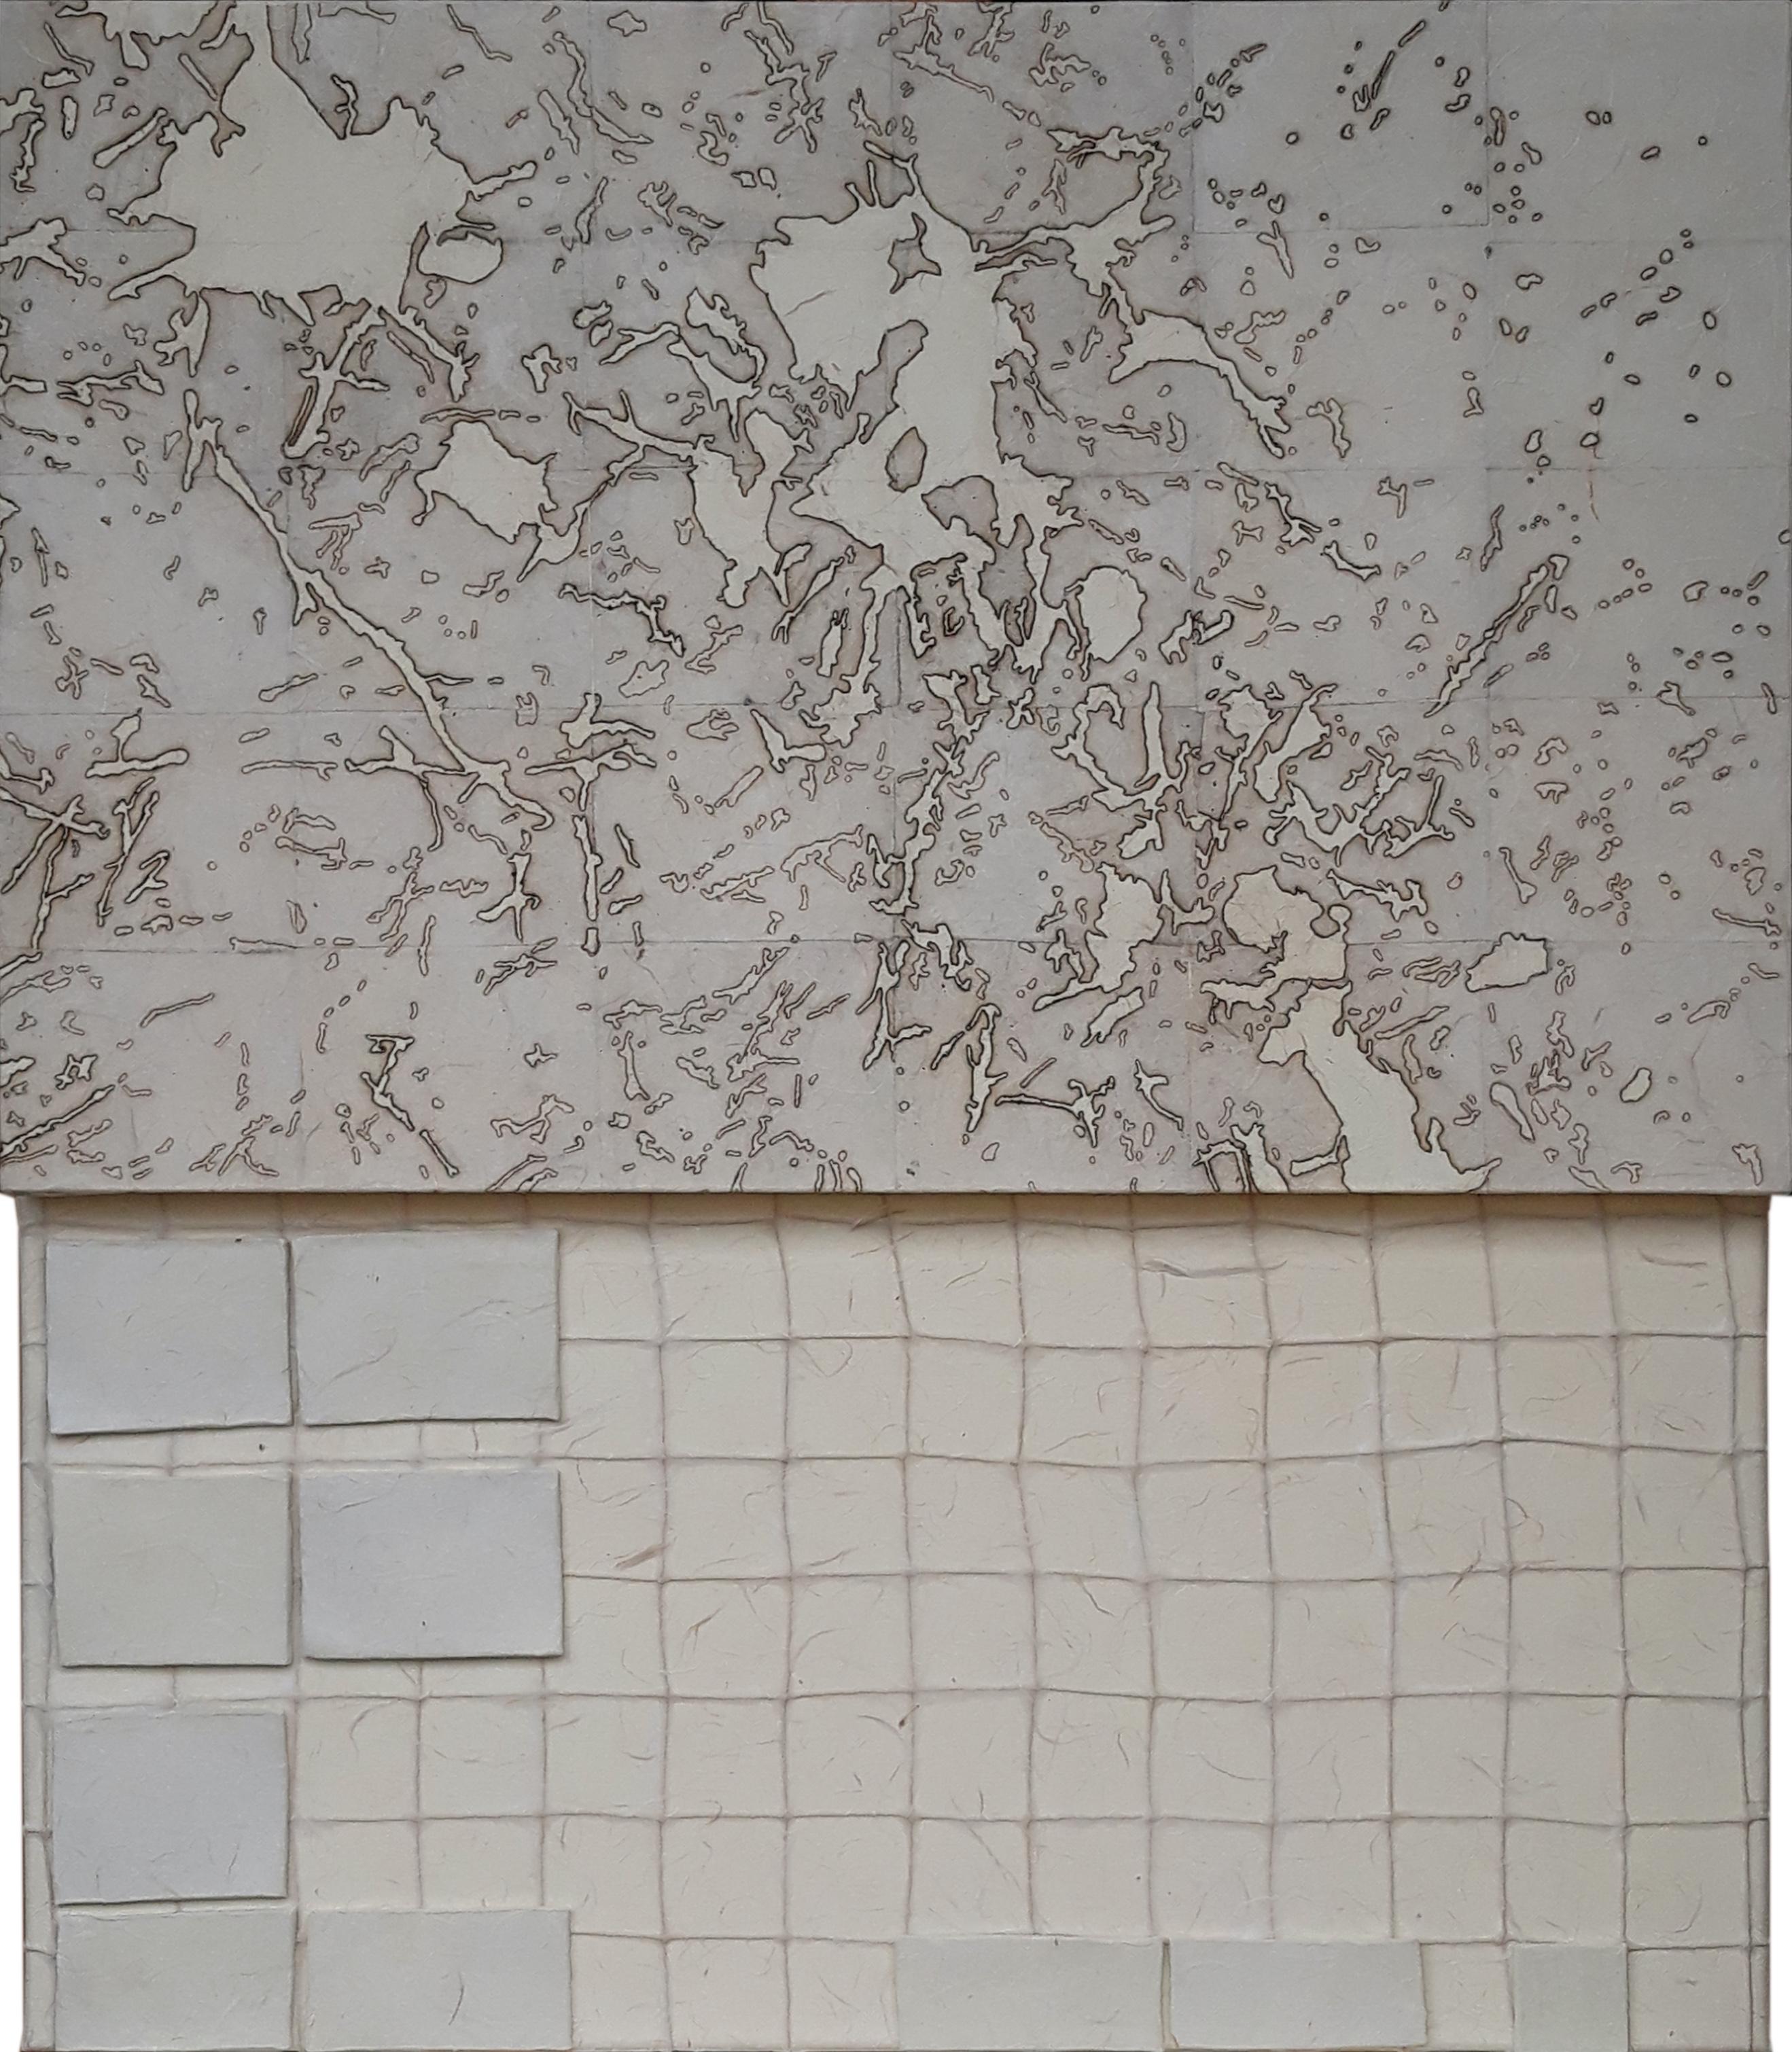 Ostraka, composizione, acrilico, creta, corda, collage su tela, cm.70x60 - 2018